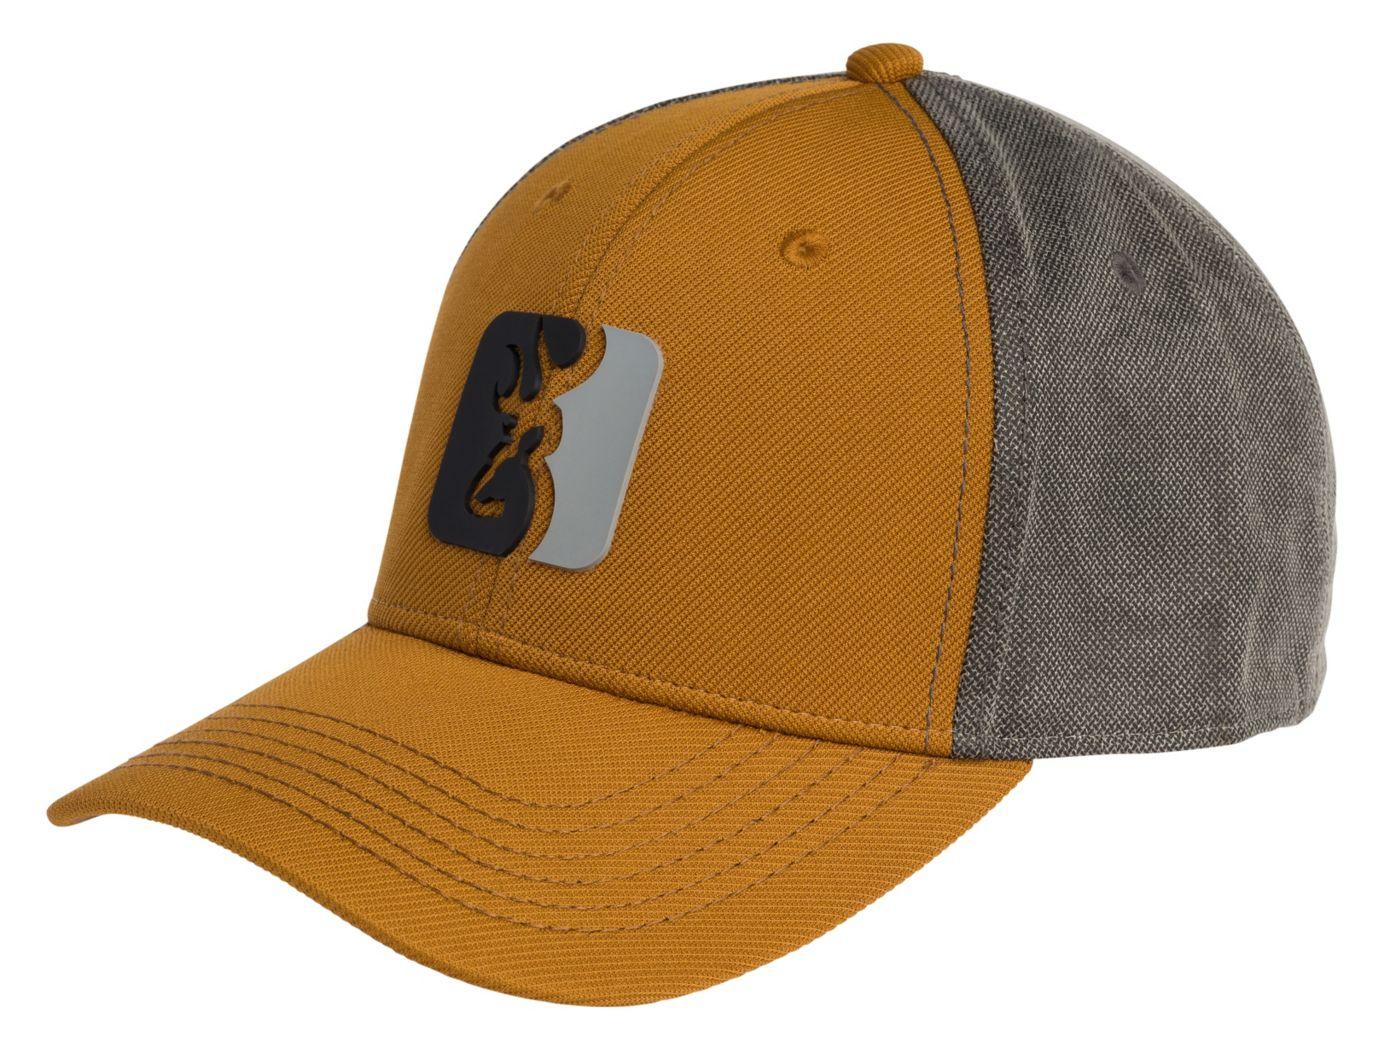 Browning Men's Workman's Hat